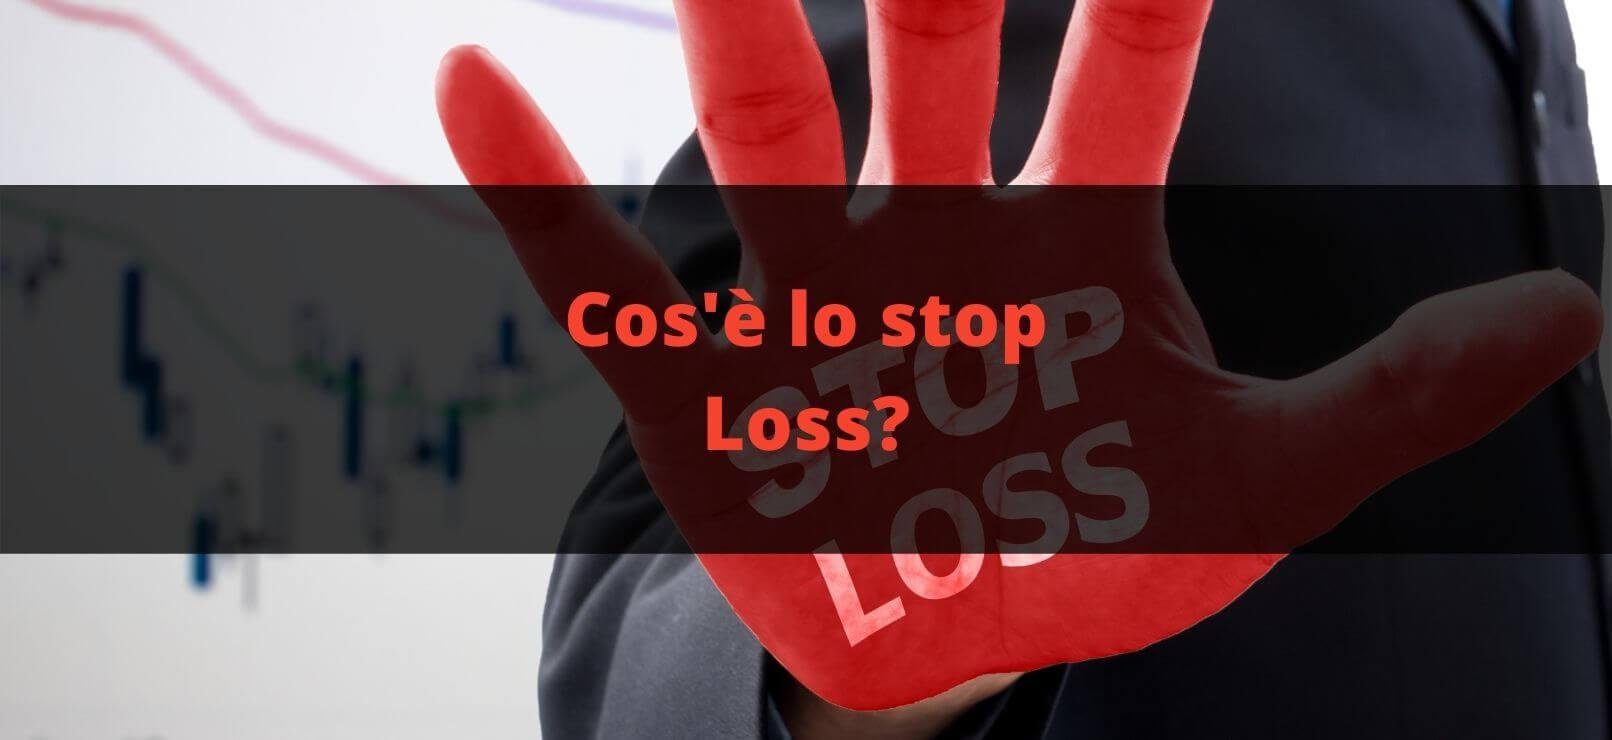 Cos'è lo stop loss?